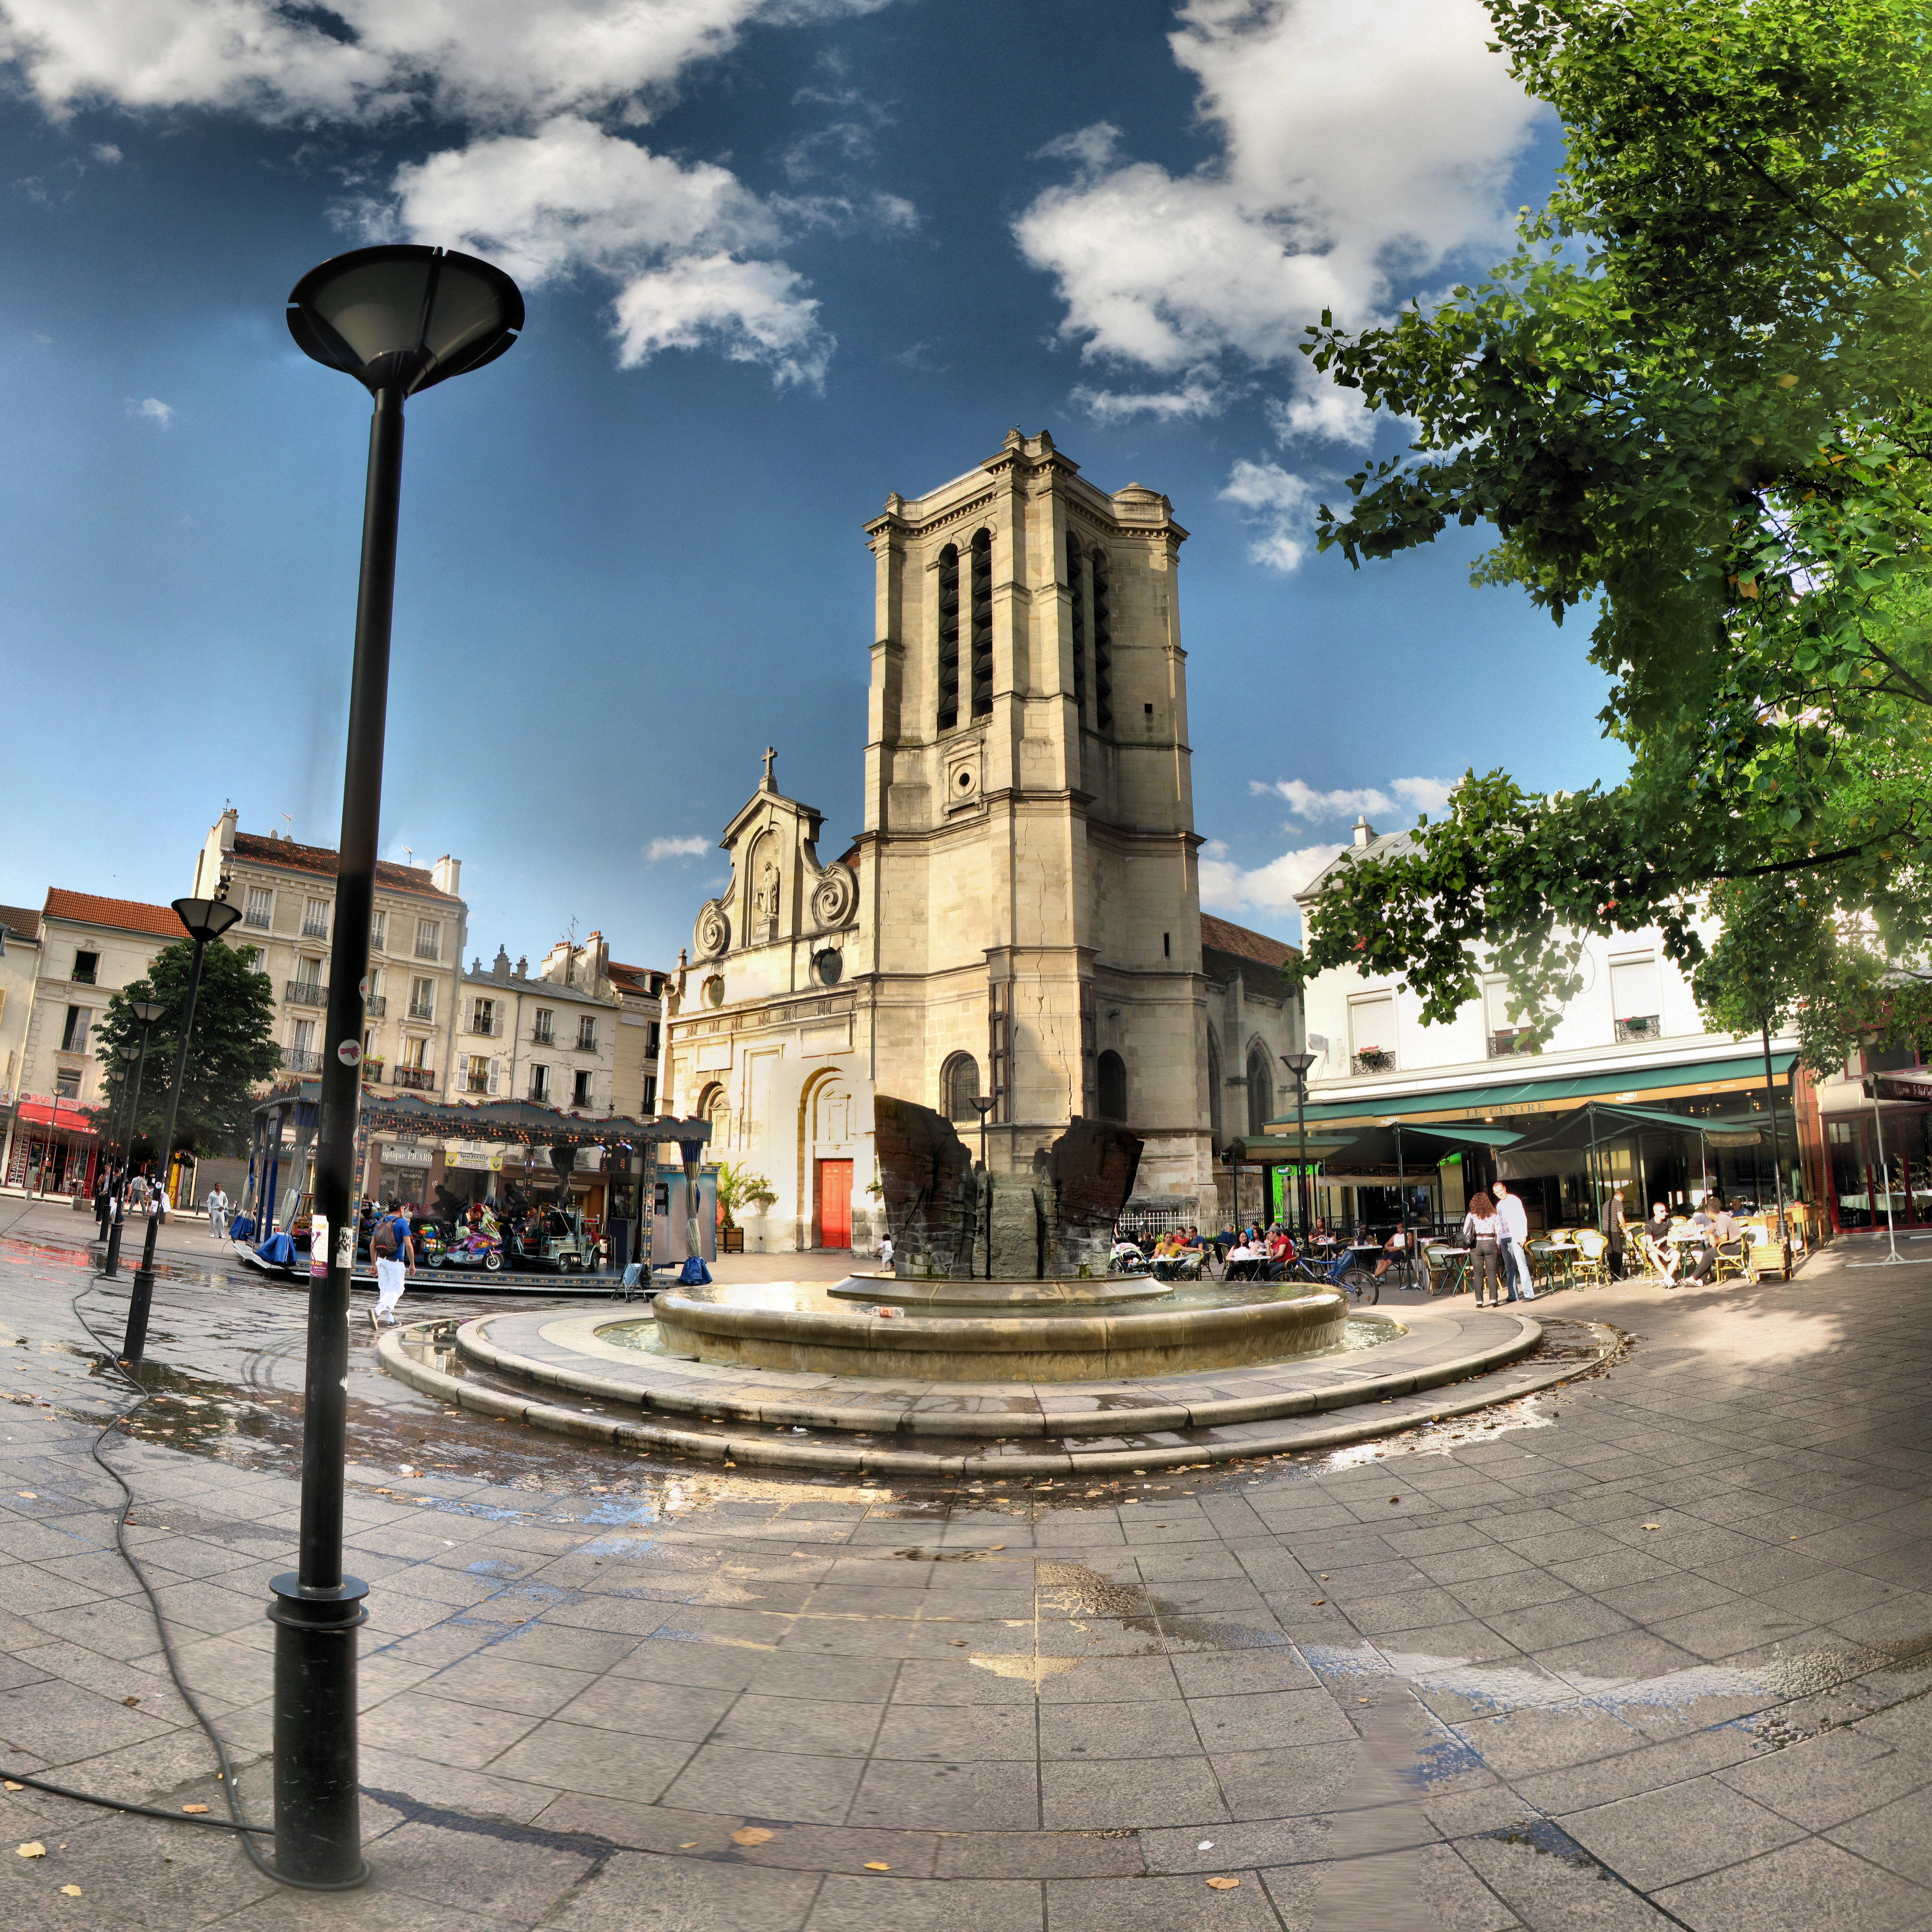 Eglise Notre-Dame-des-Vertus